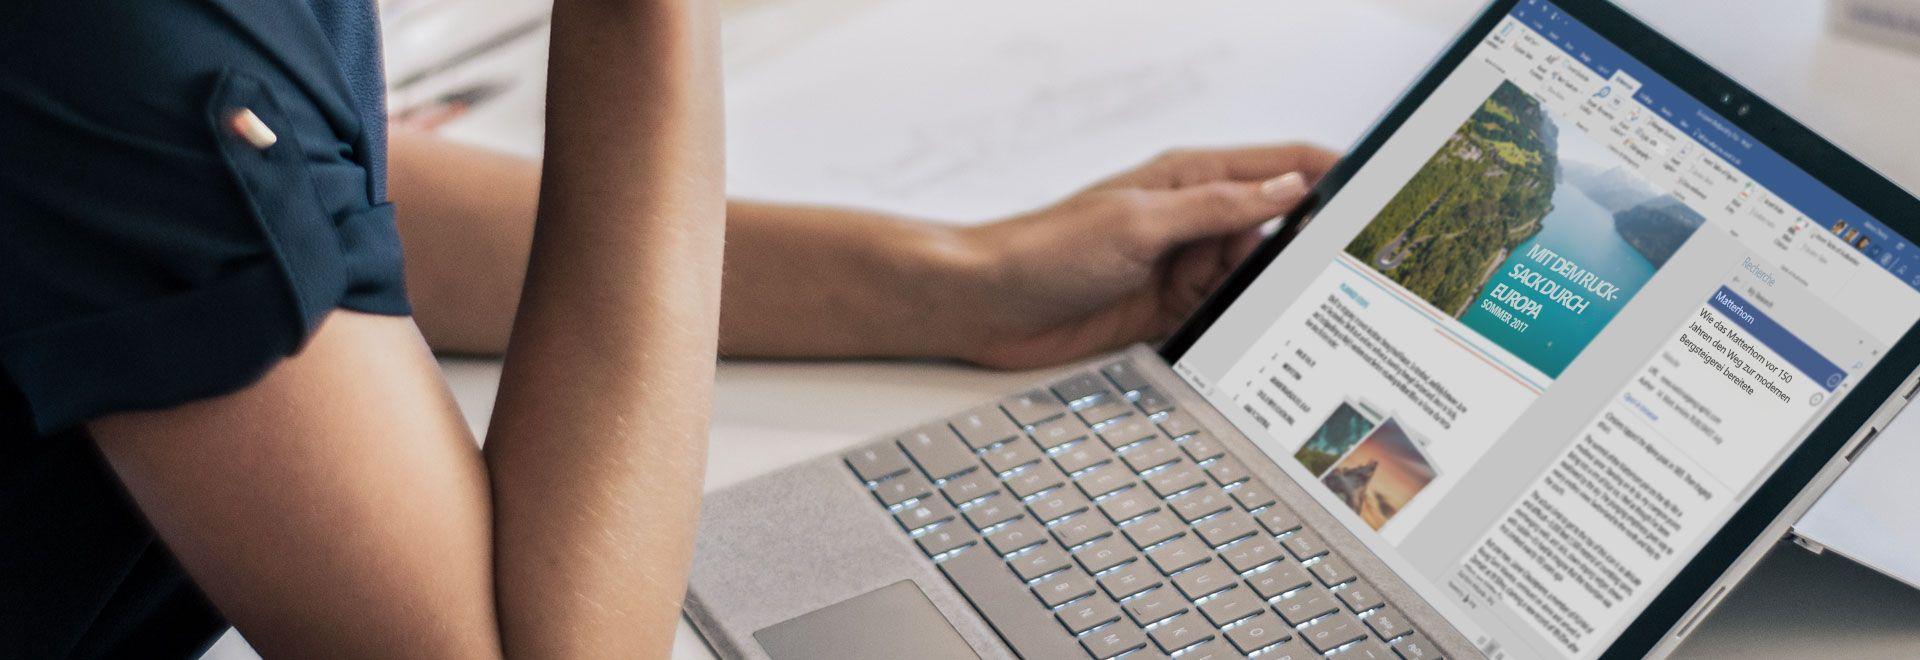 Microsoft Surface-Tablet mit einem Word-Dokument über Rucksackreisen in Europa. Word-Recherche ist geöffnet.